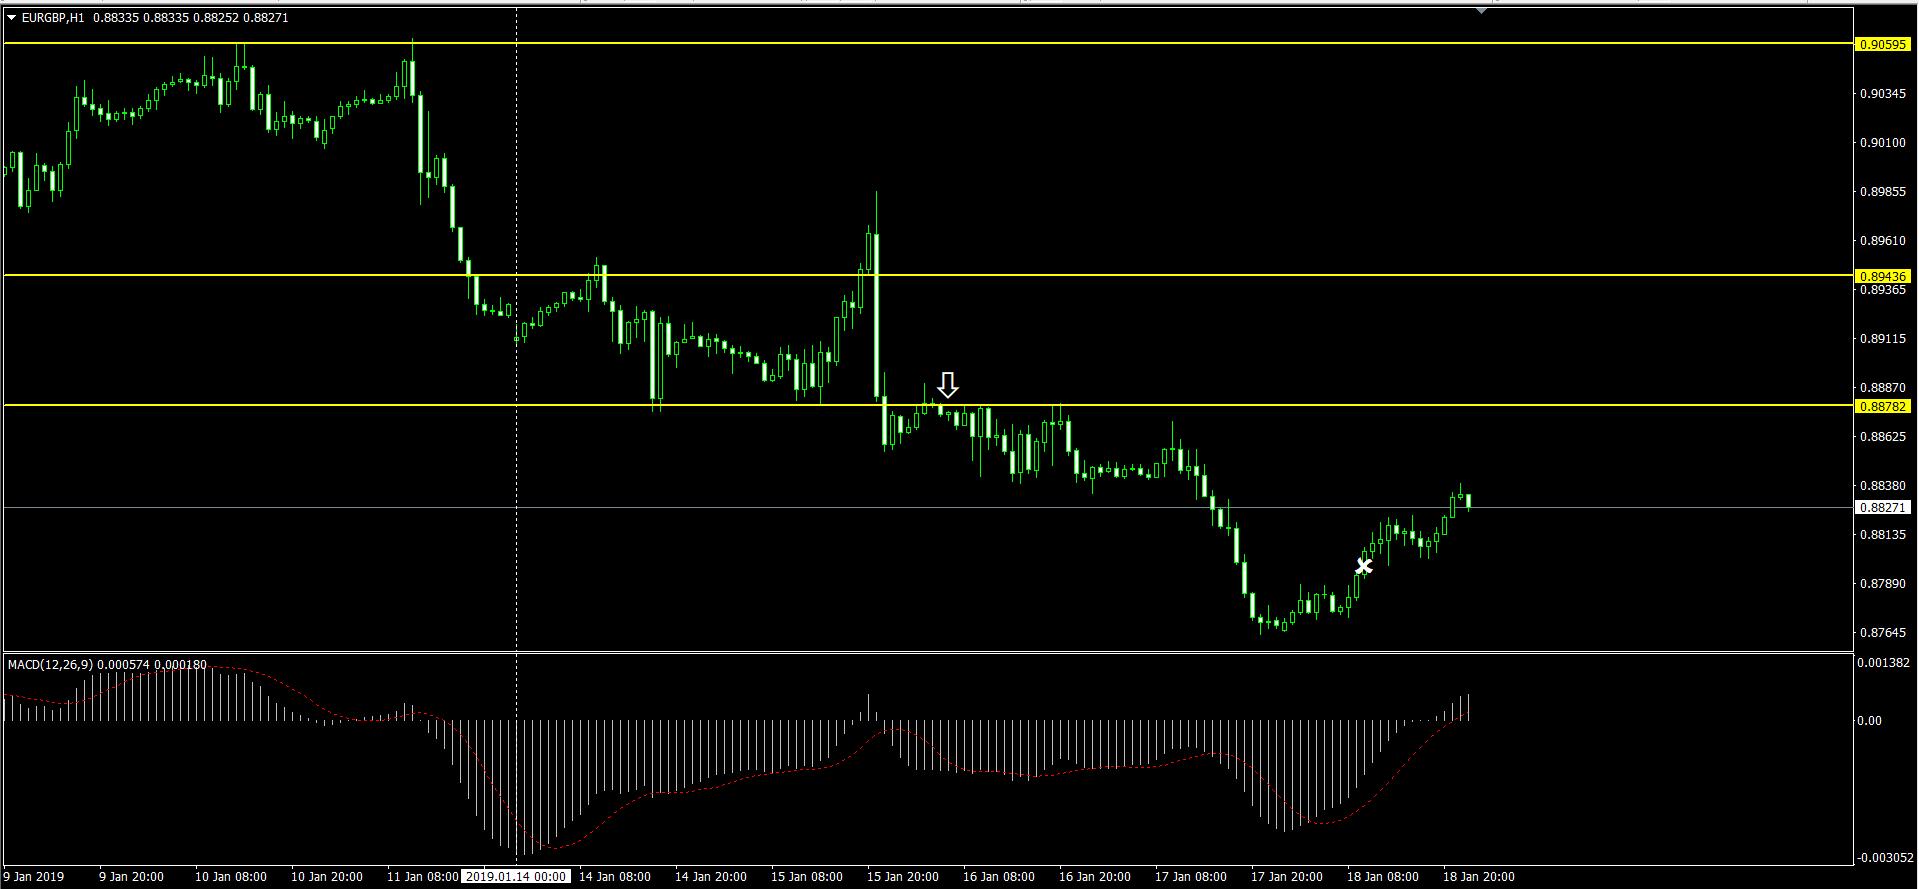 EURGBPの H1 チャート画面